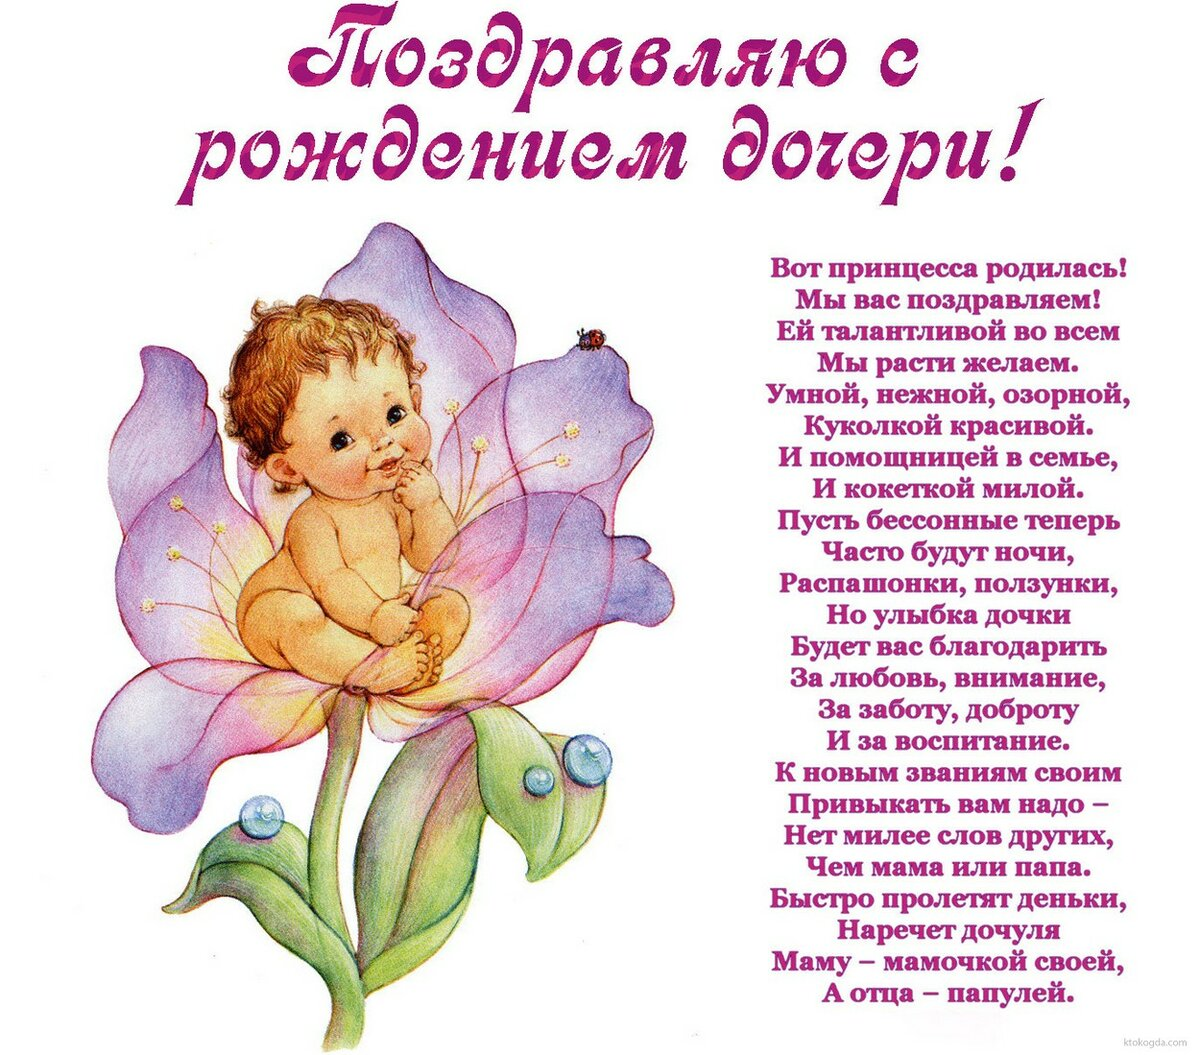 Открытки поздравления маме с рождением дочки в стихах, картинки